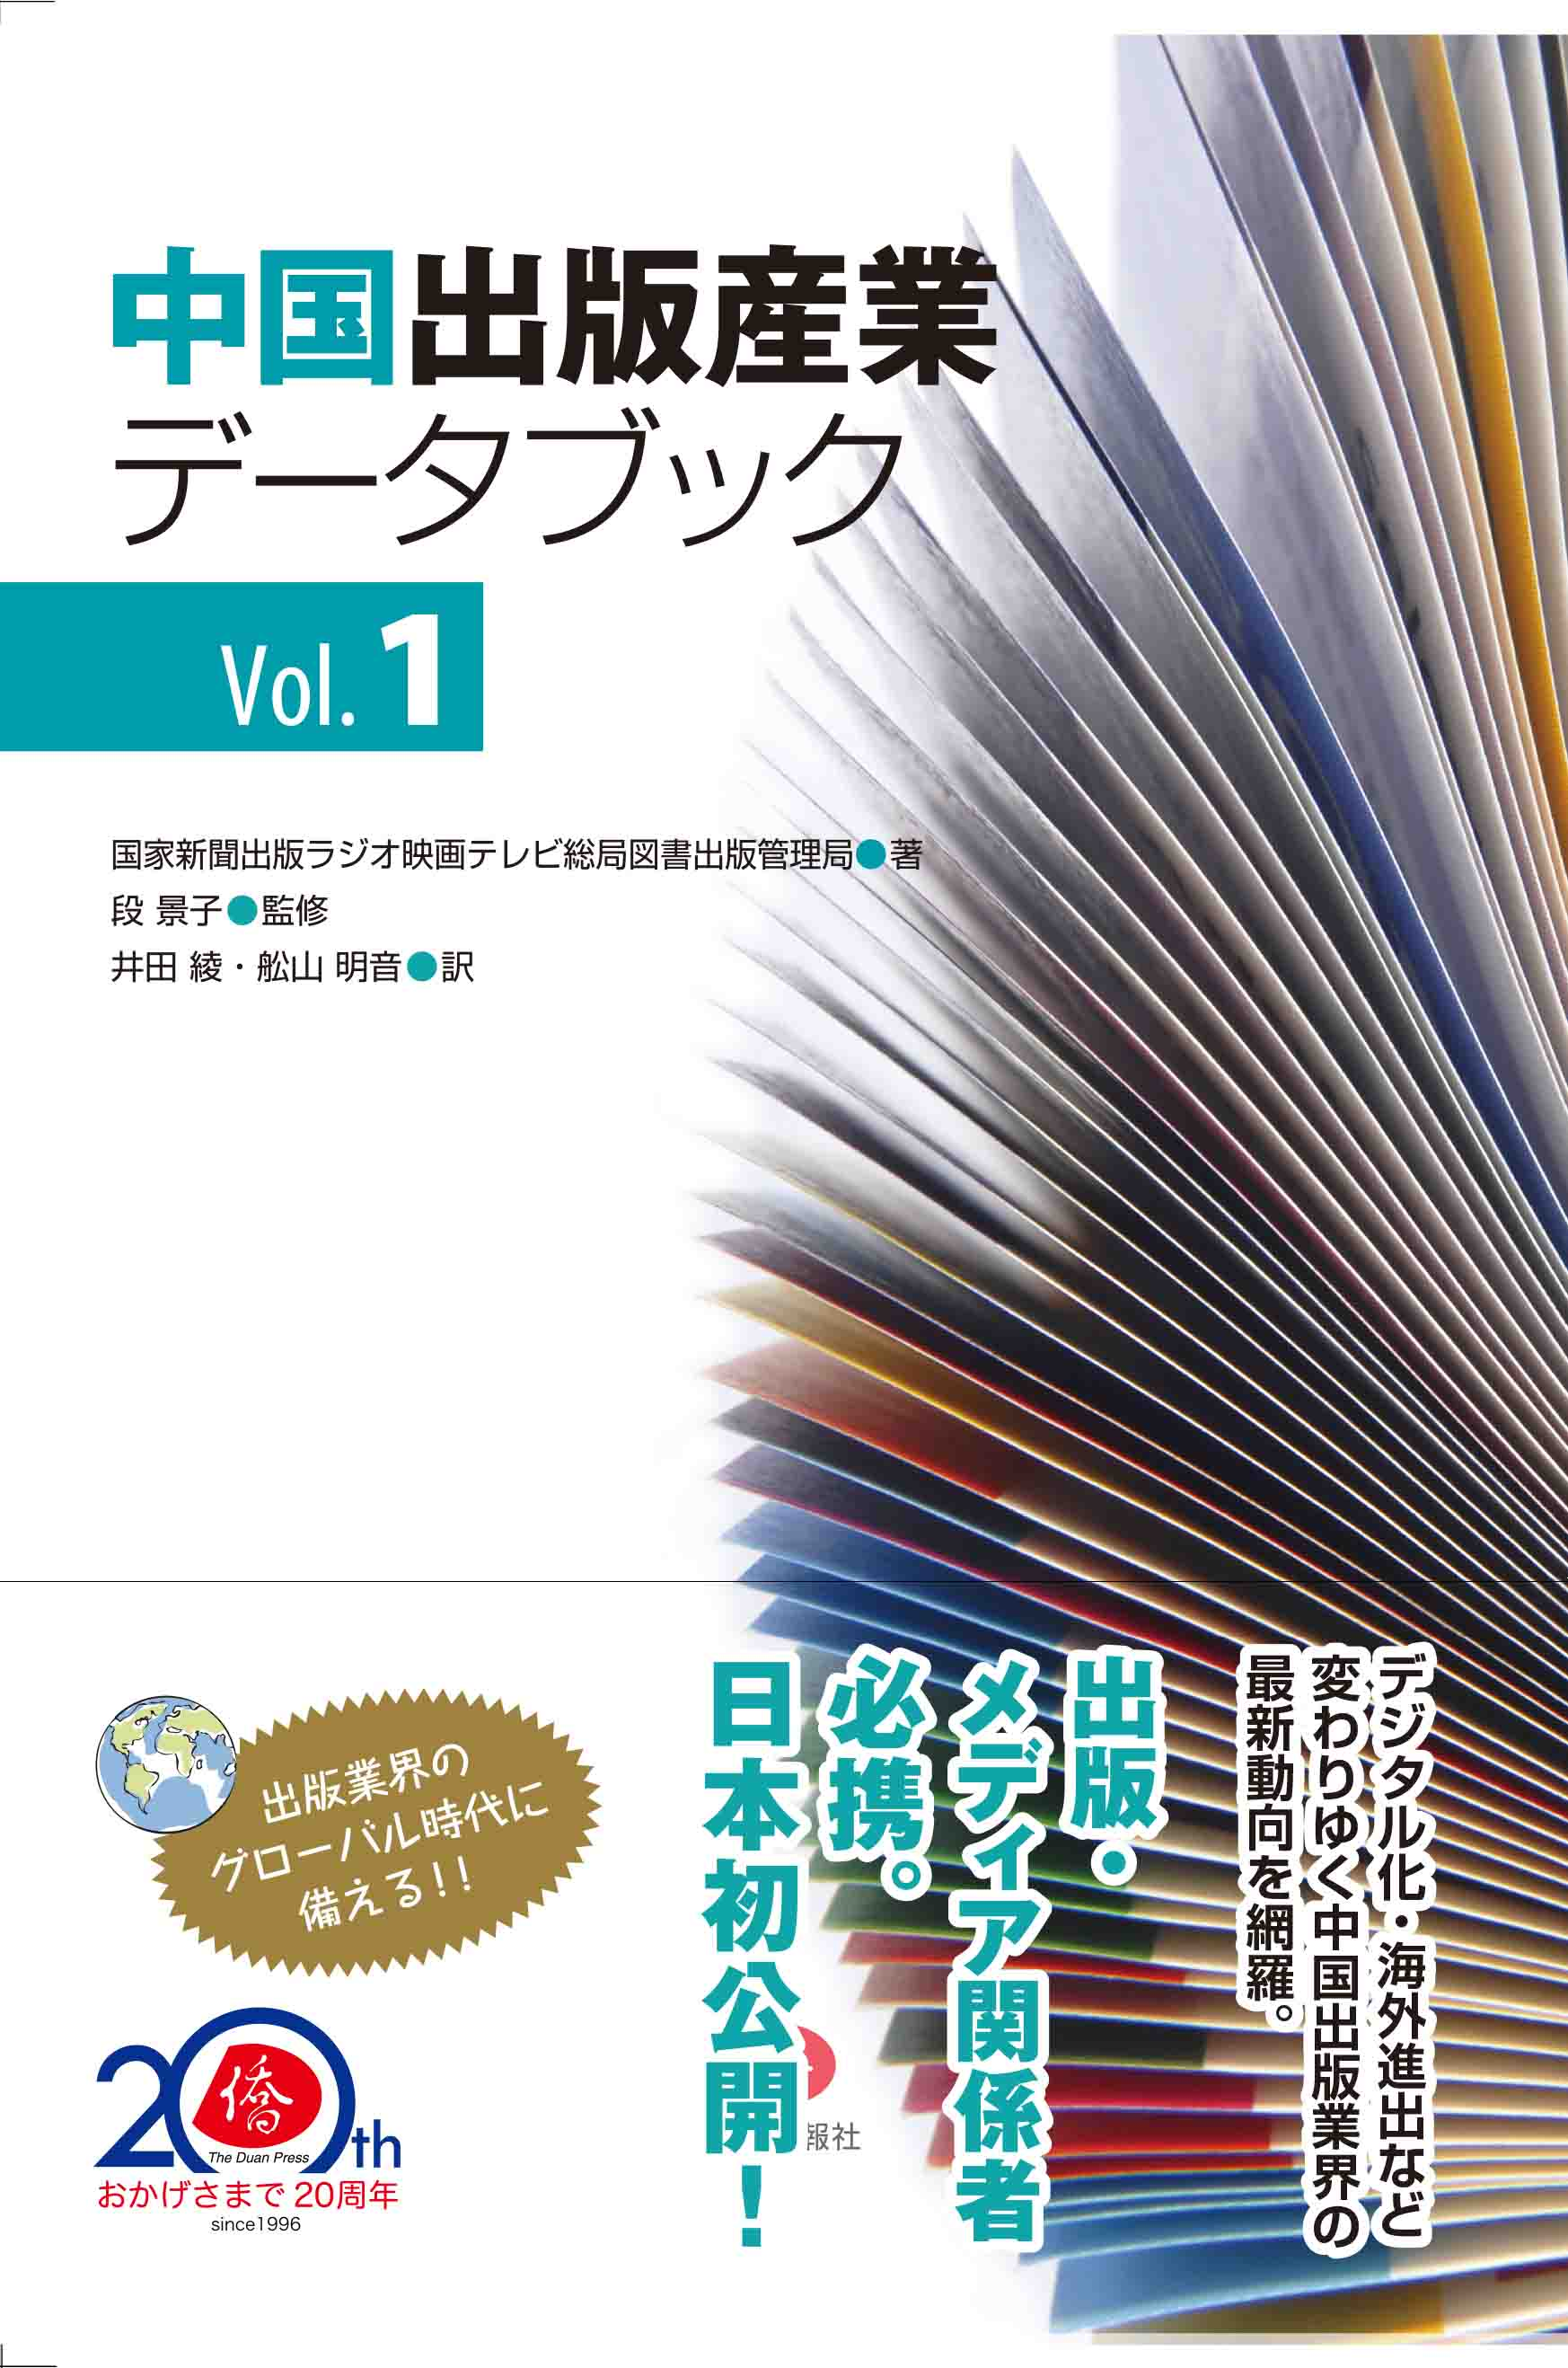 中国出版産業データブック vol.1、7月下旬から発売_d0027795_12133022.jpg